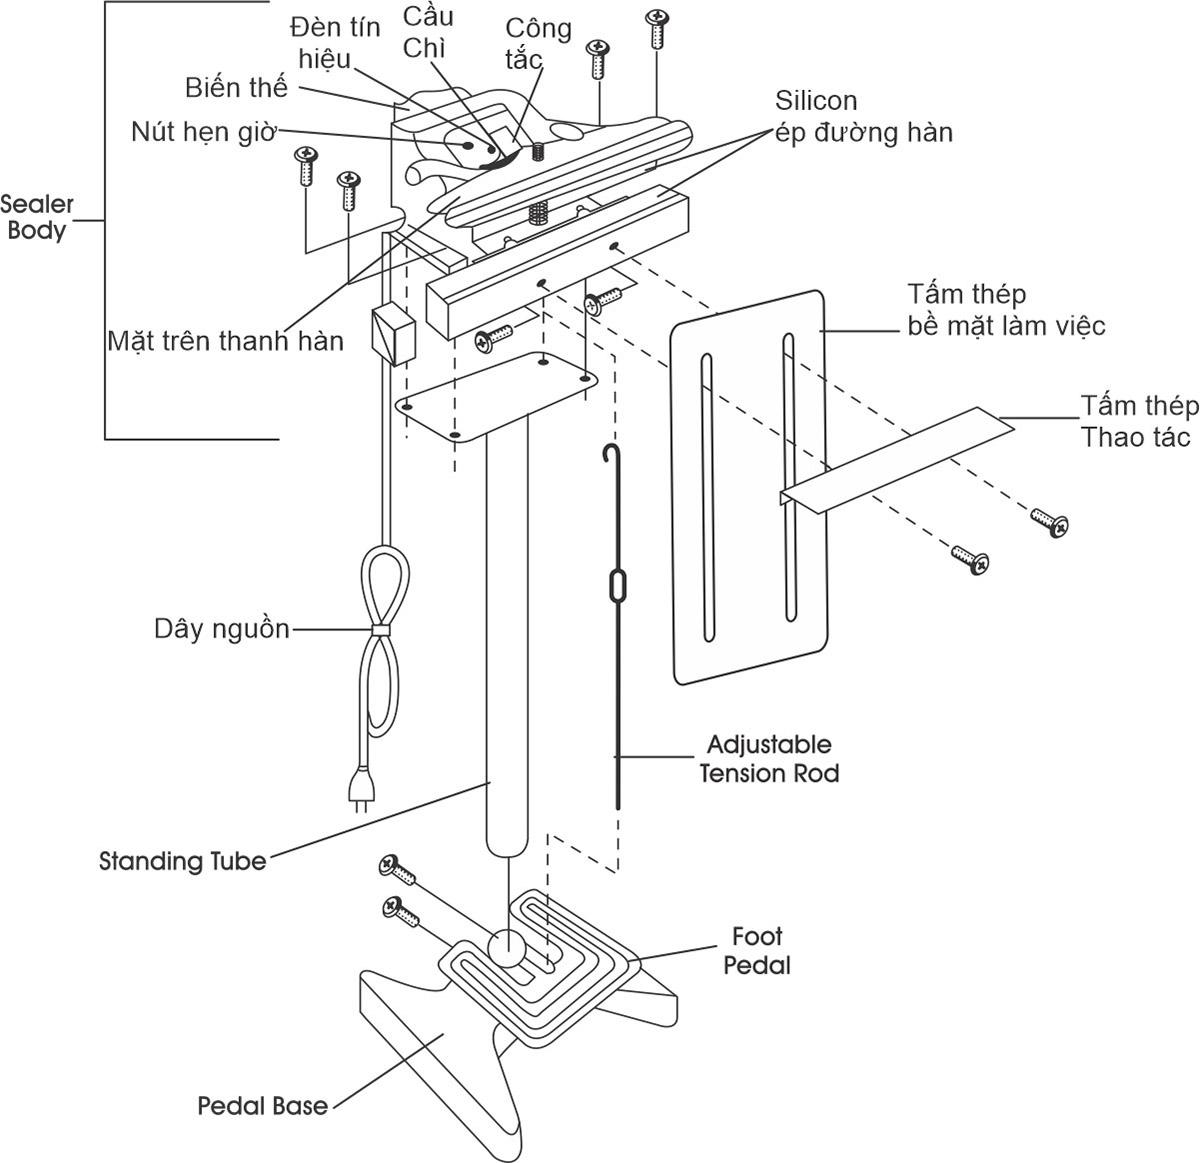 Chi tiết cấu tạo máy hàn miệng túi dập chân